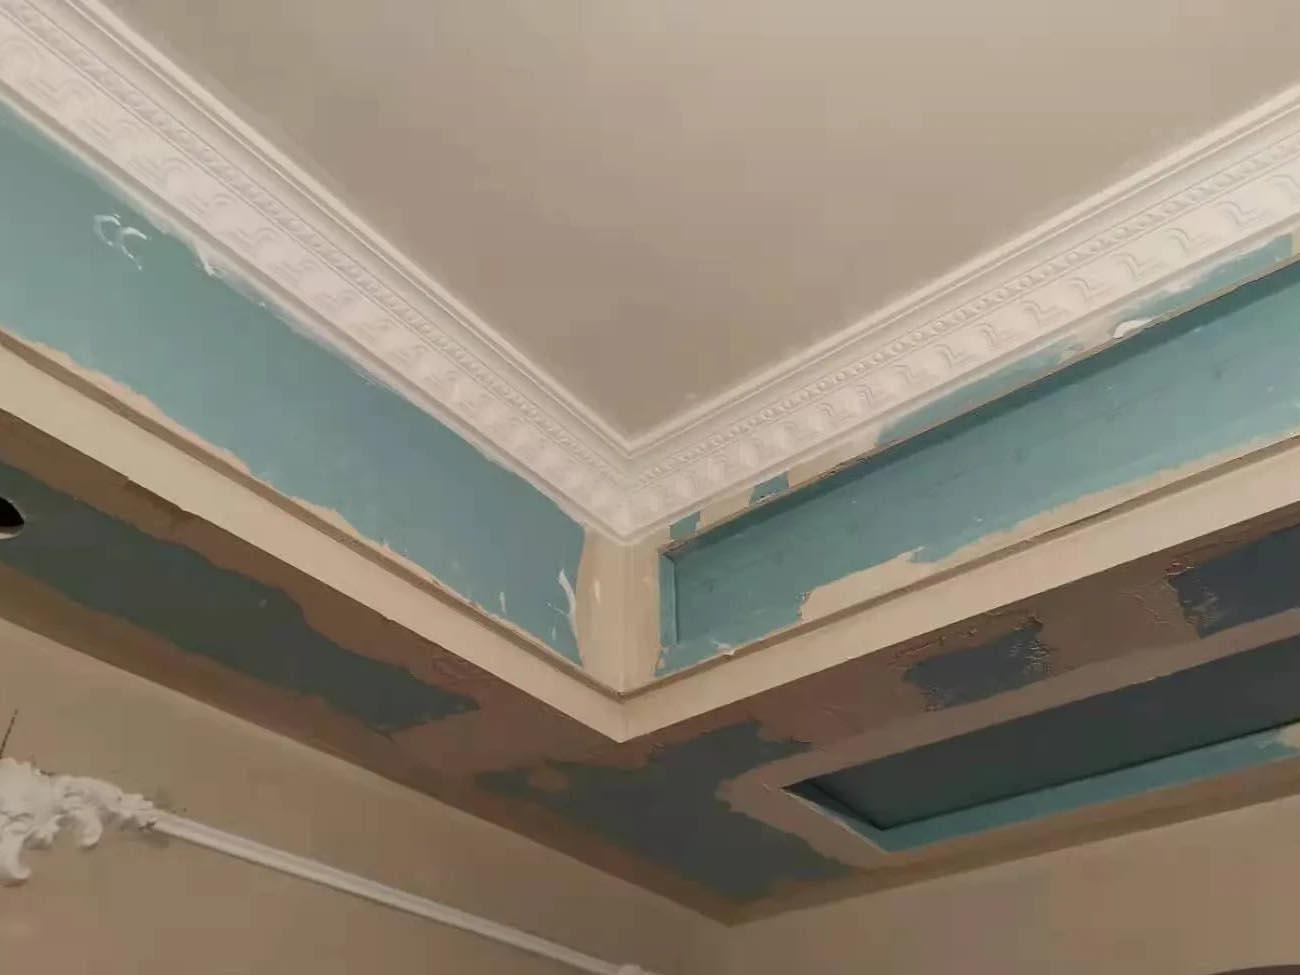 成都装修工地昌建星悦城,客厅卧室石膏线施工完毕